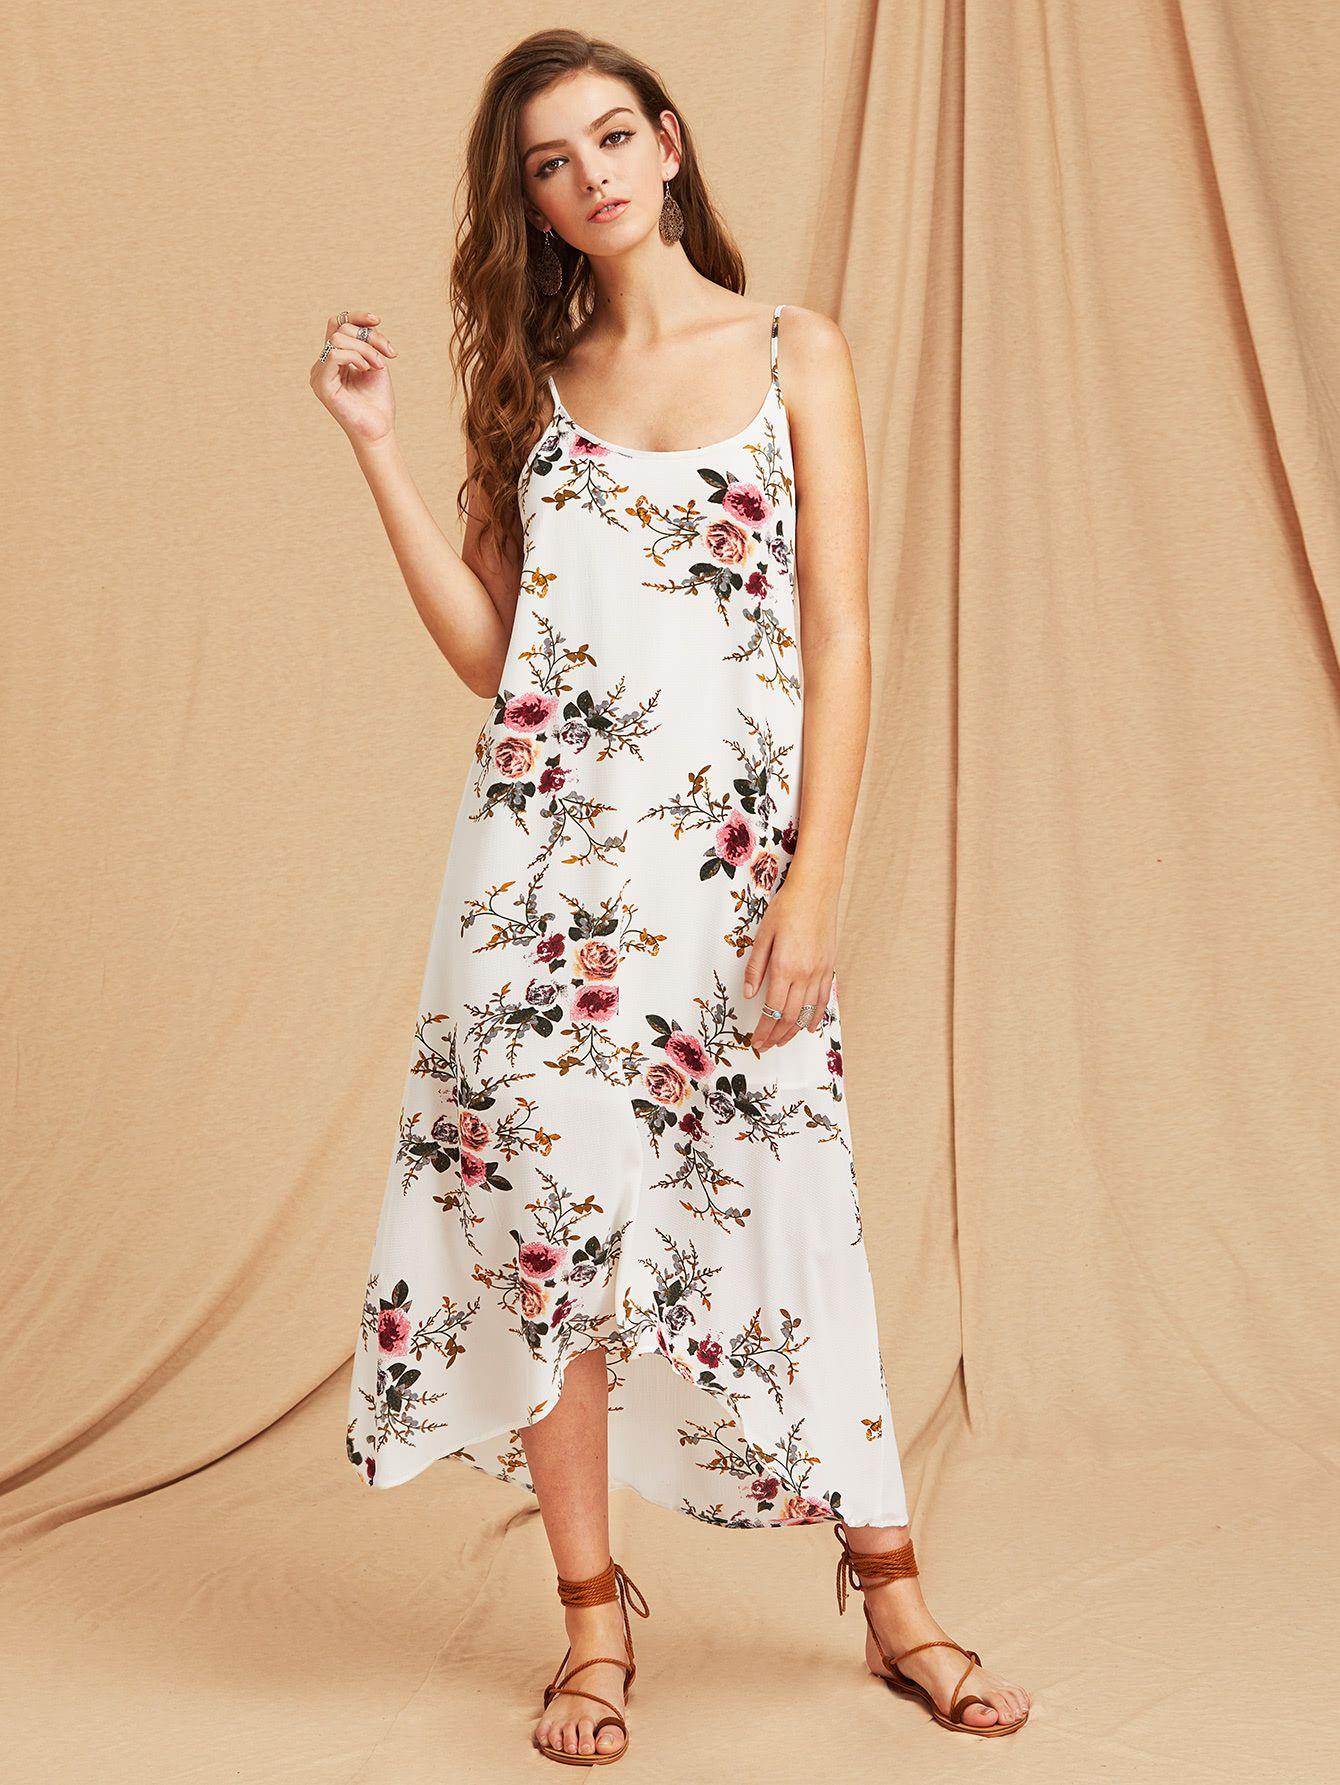 3dbf7adf43ecf ¡Consigue este tipo de vestido informal de SheIn ahora! Haz clic para ver  los